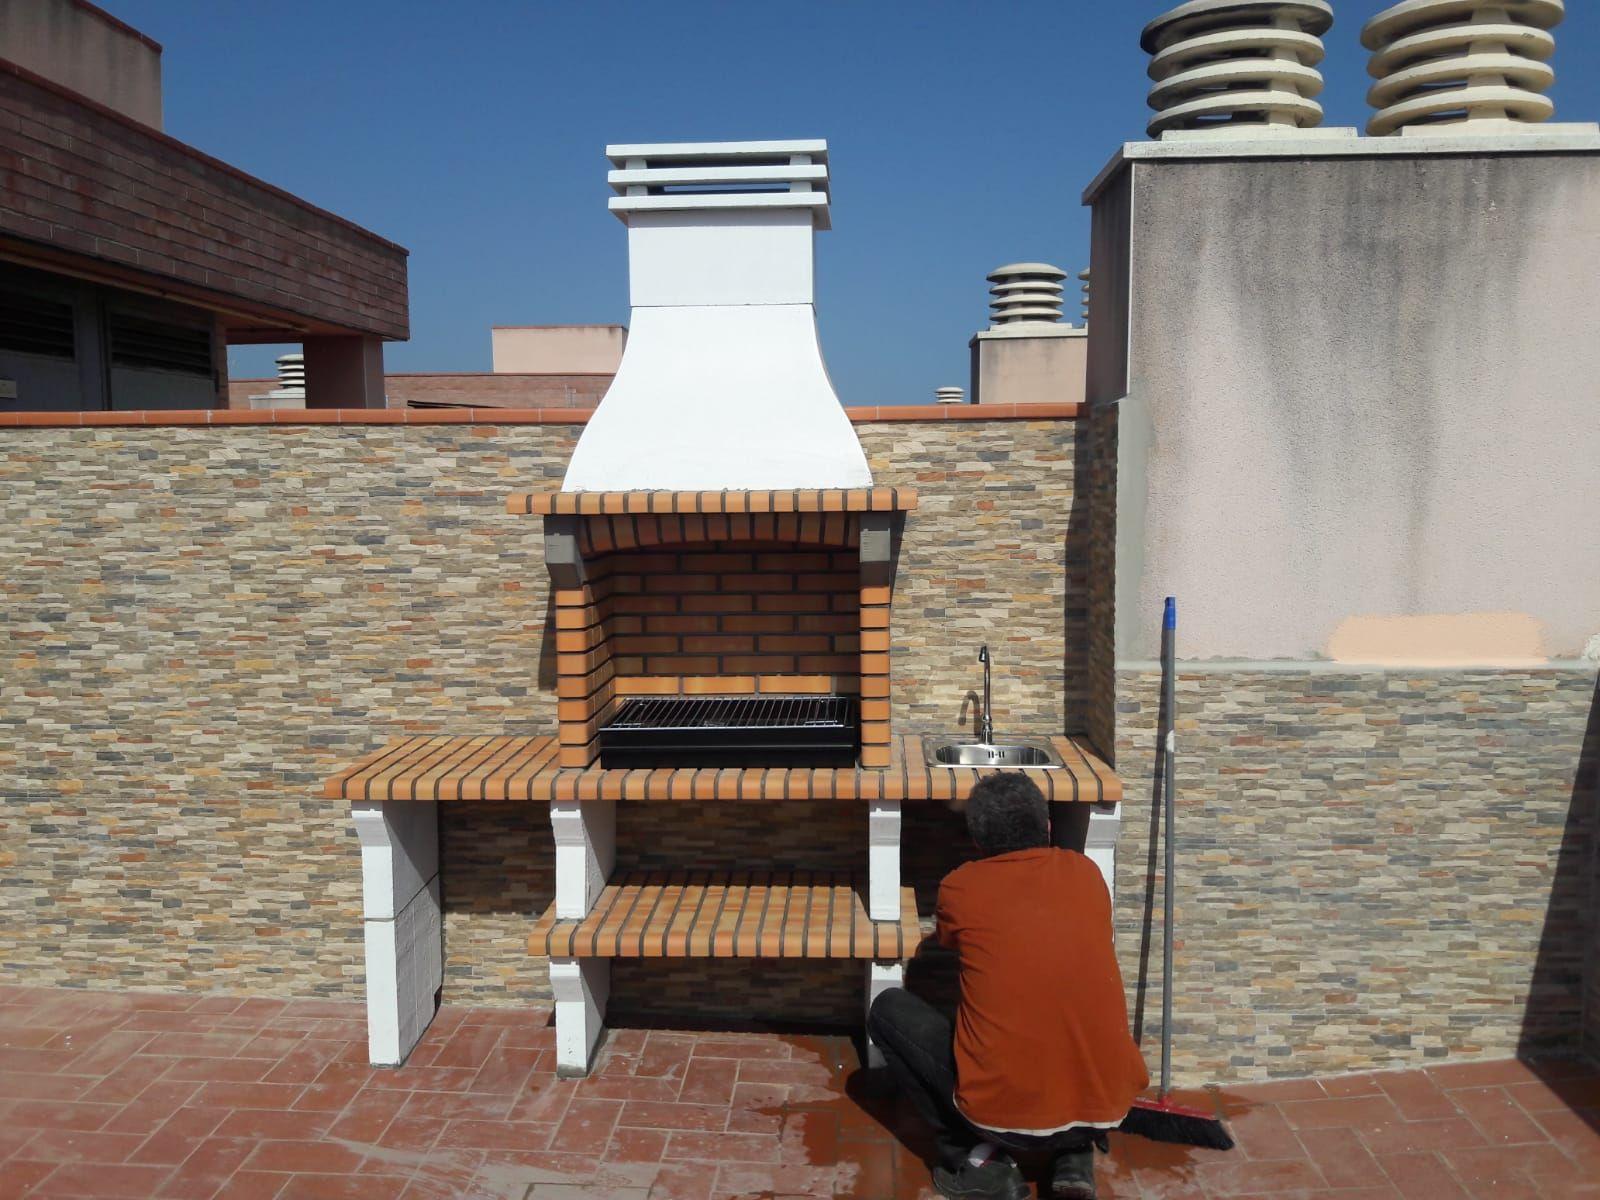 Foto 2 de Reformas y proyectos llave en mano en Barcelona en  | Yani Construcciones y Reformas